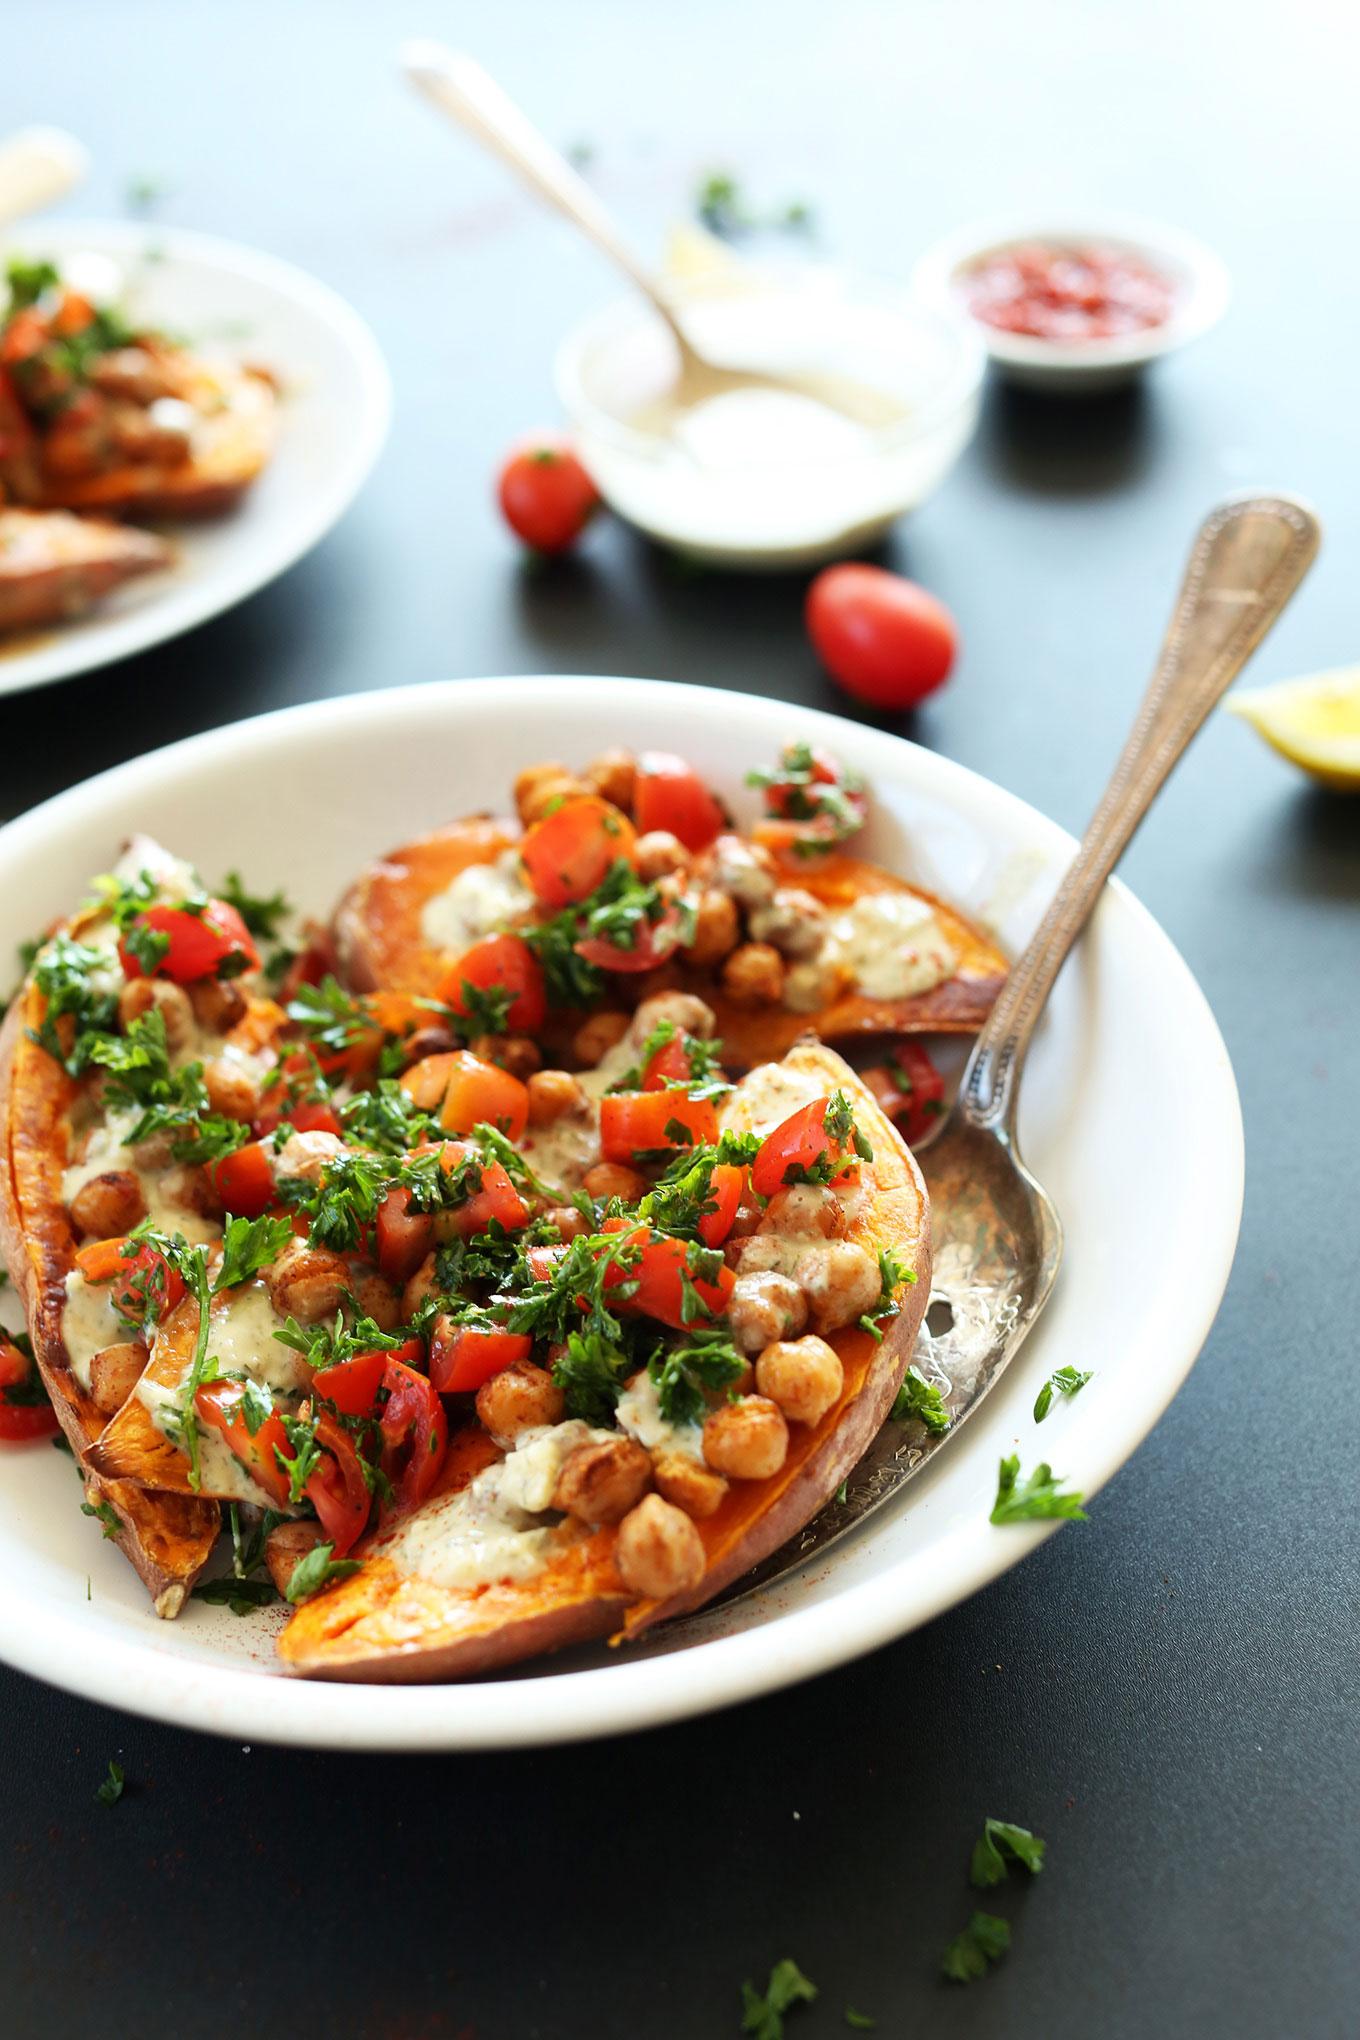 фразы рецепты вегетарианской кухни с фото грех, потому большим